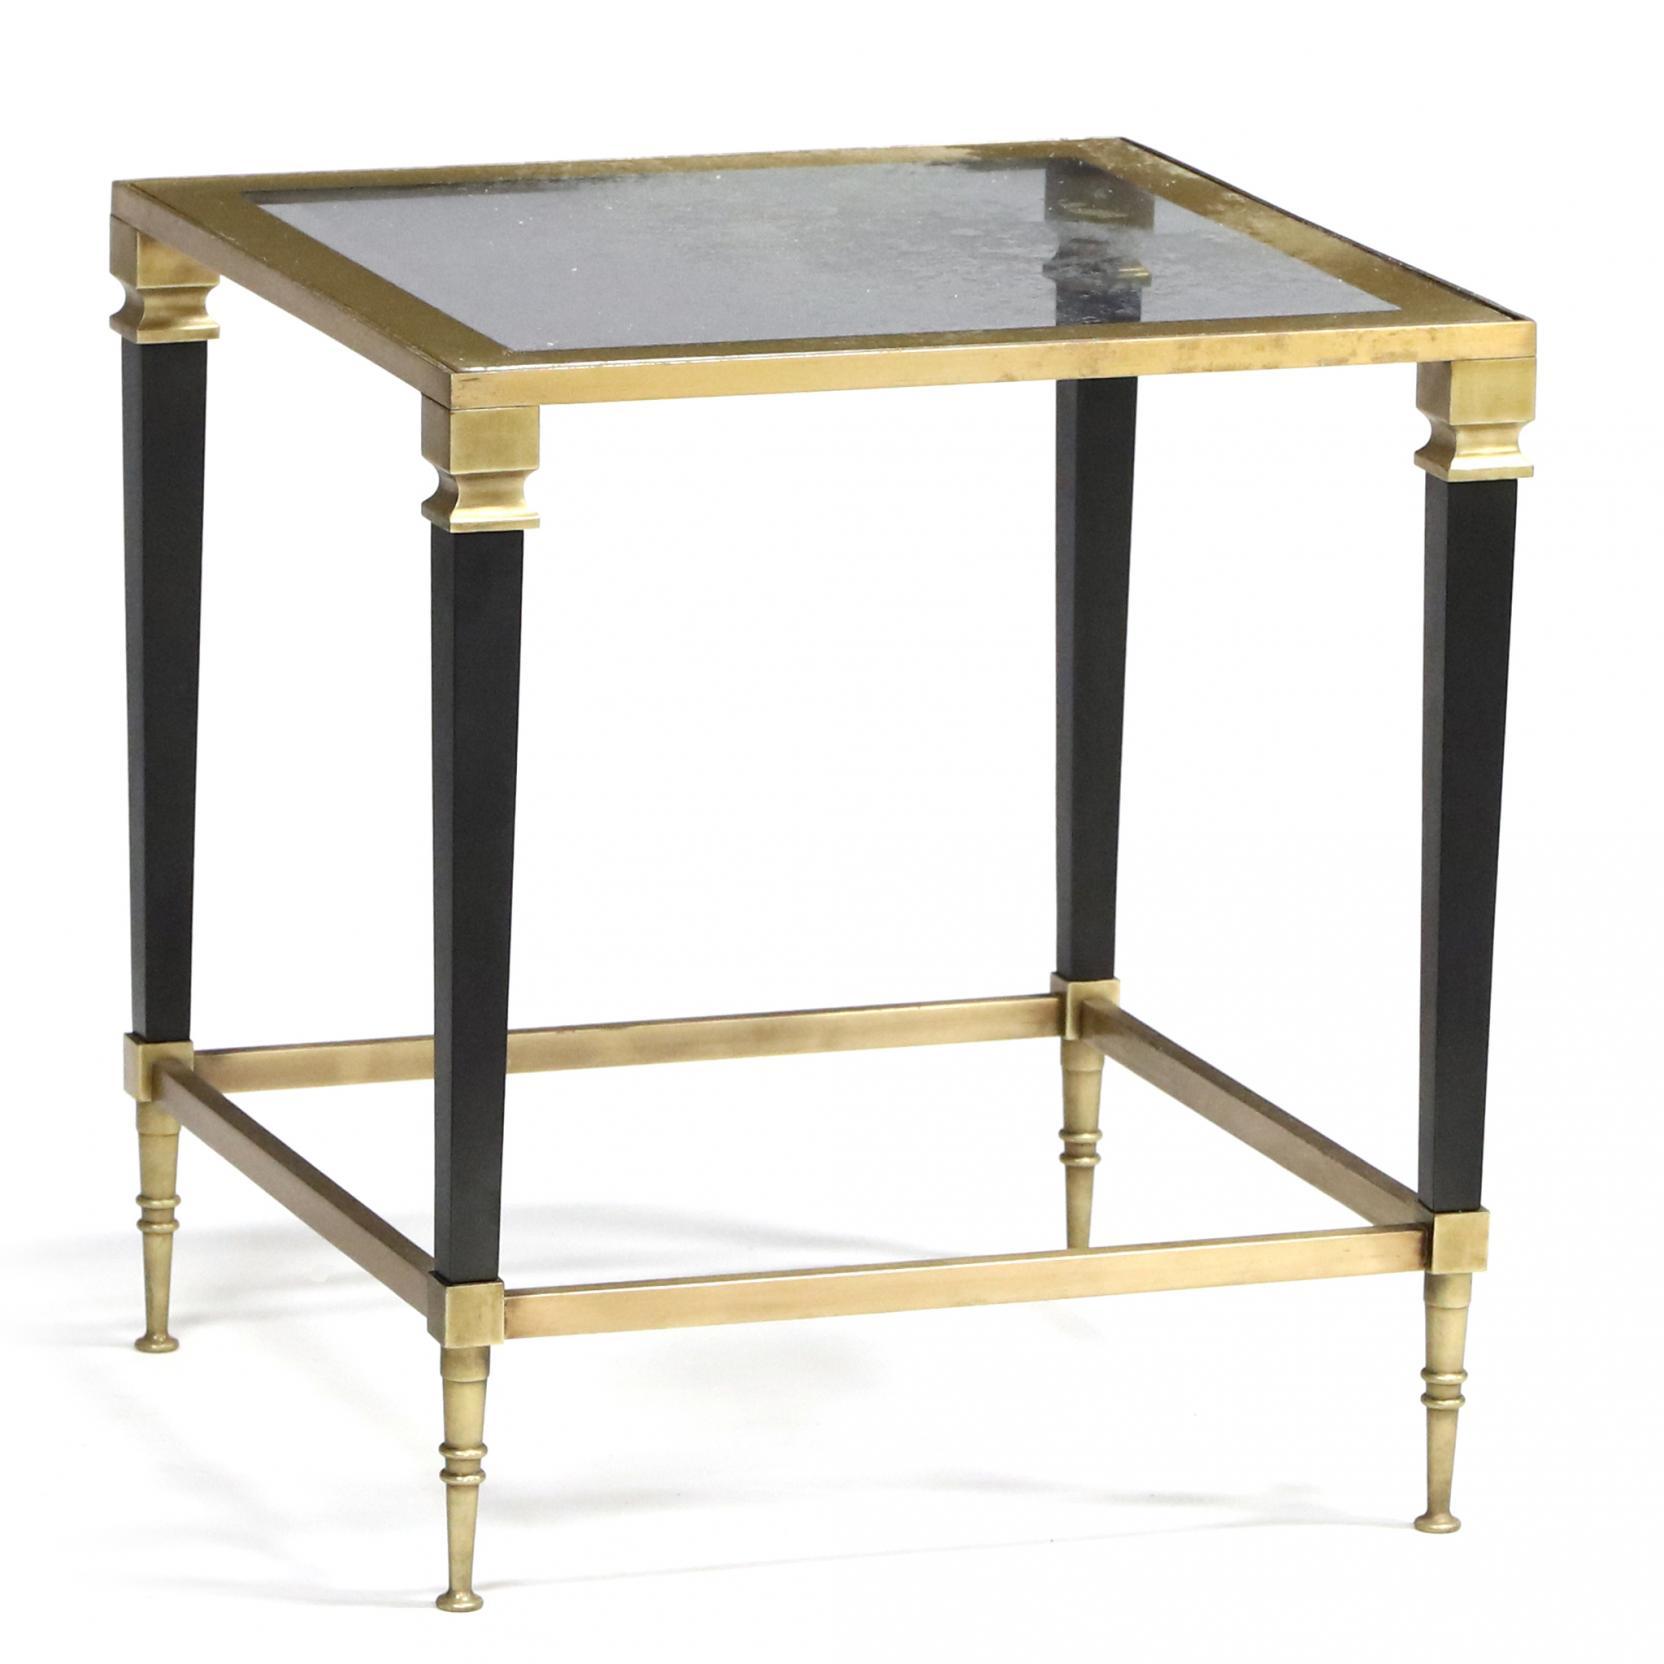 modernist-side-table